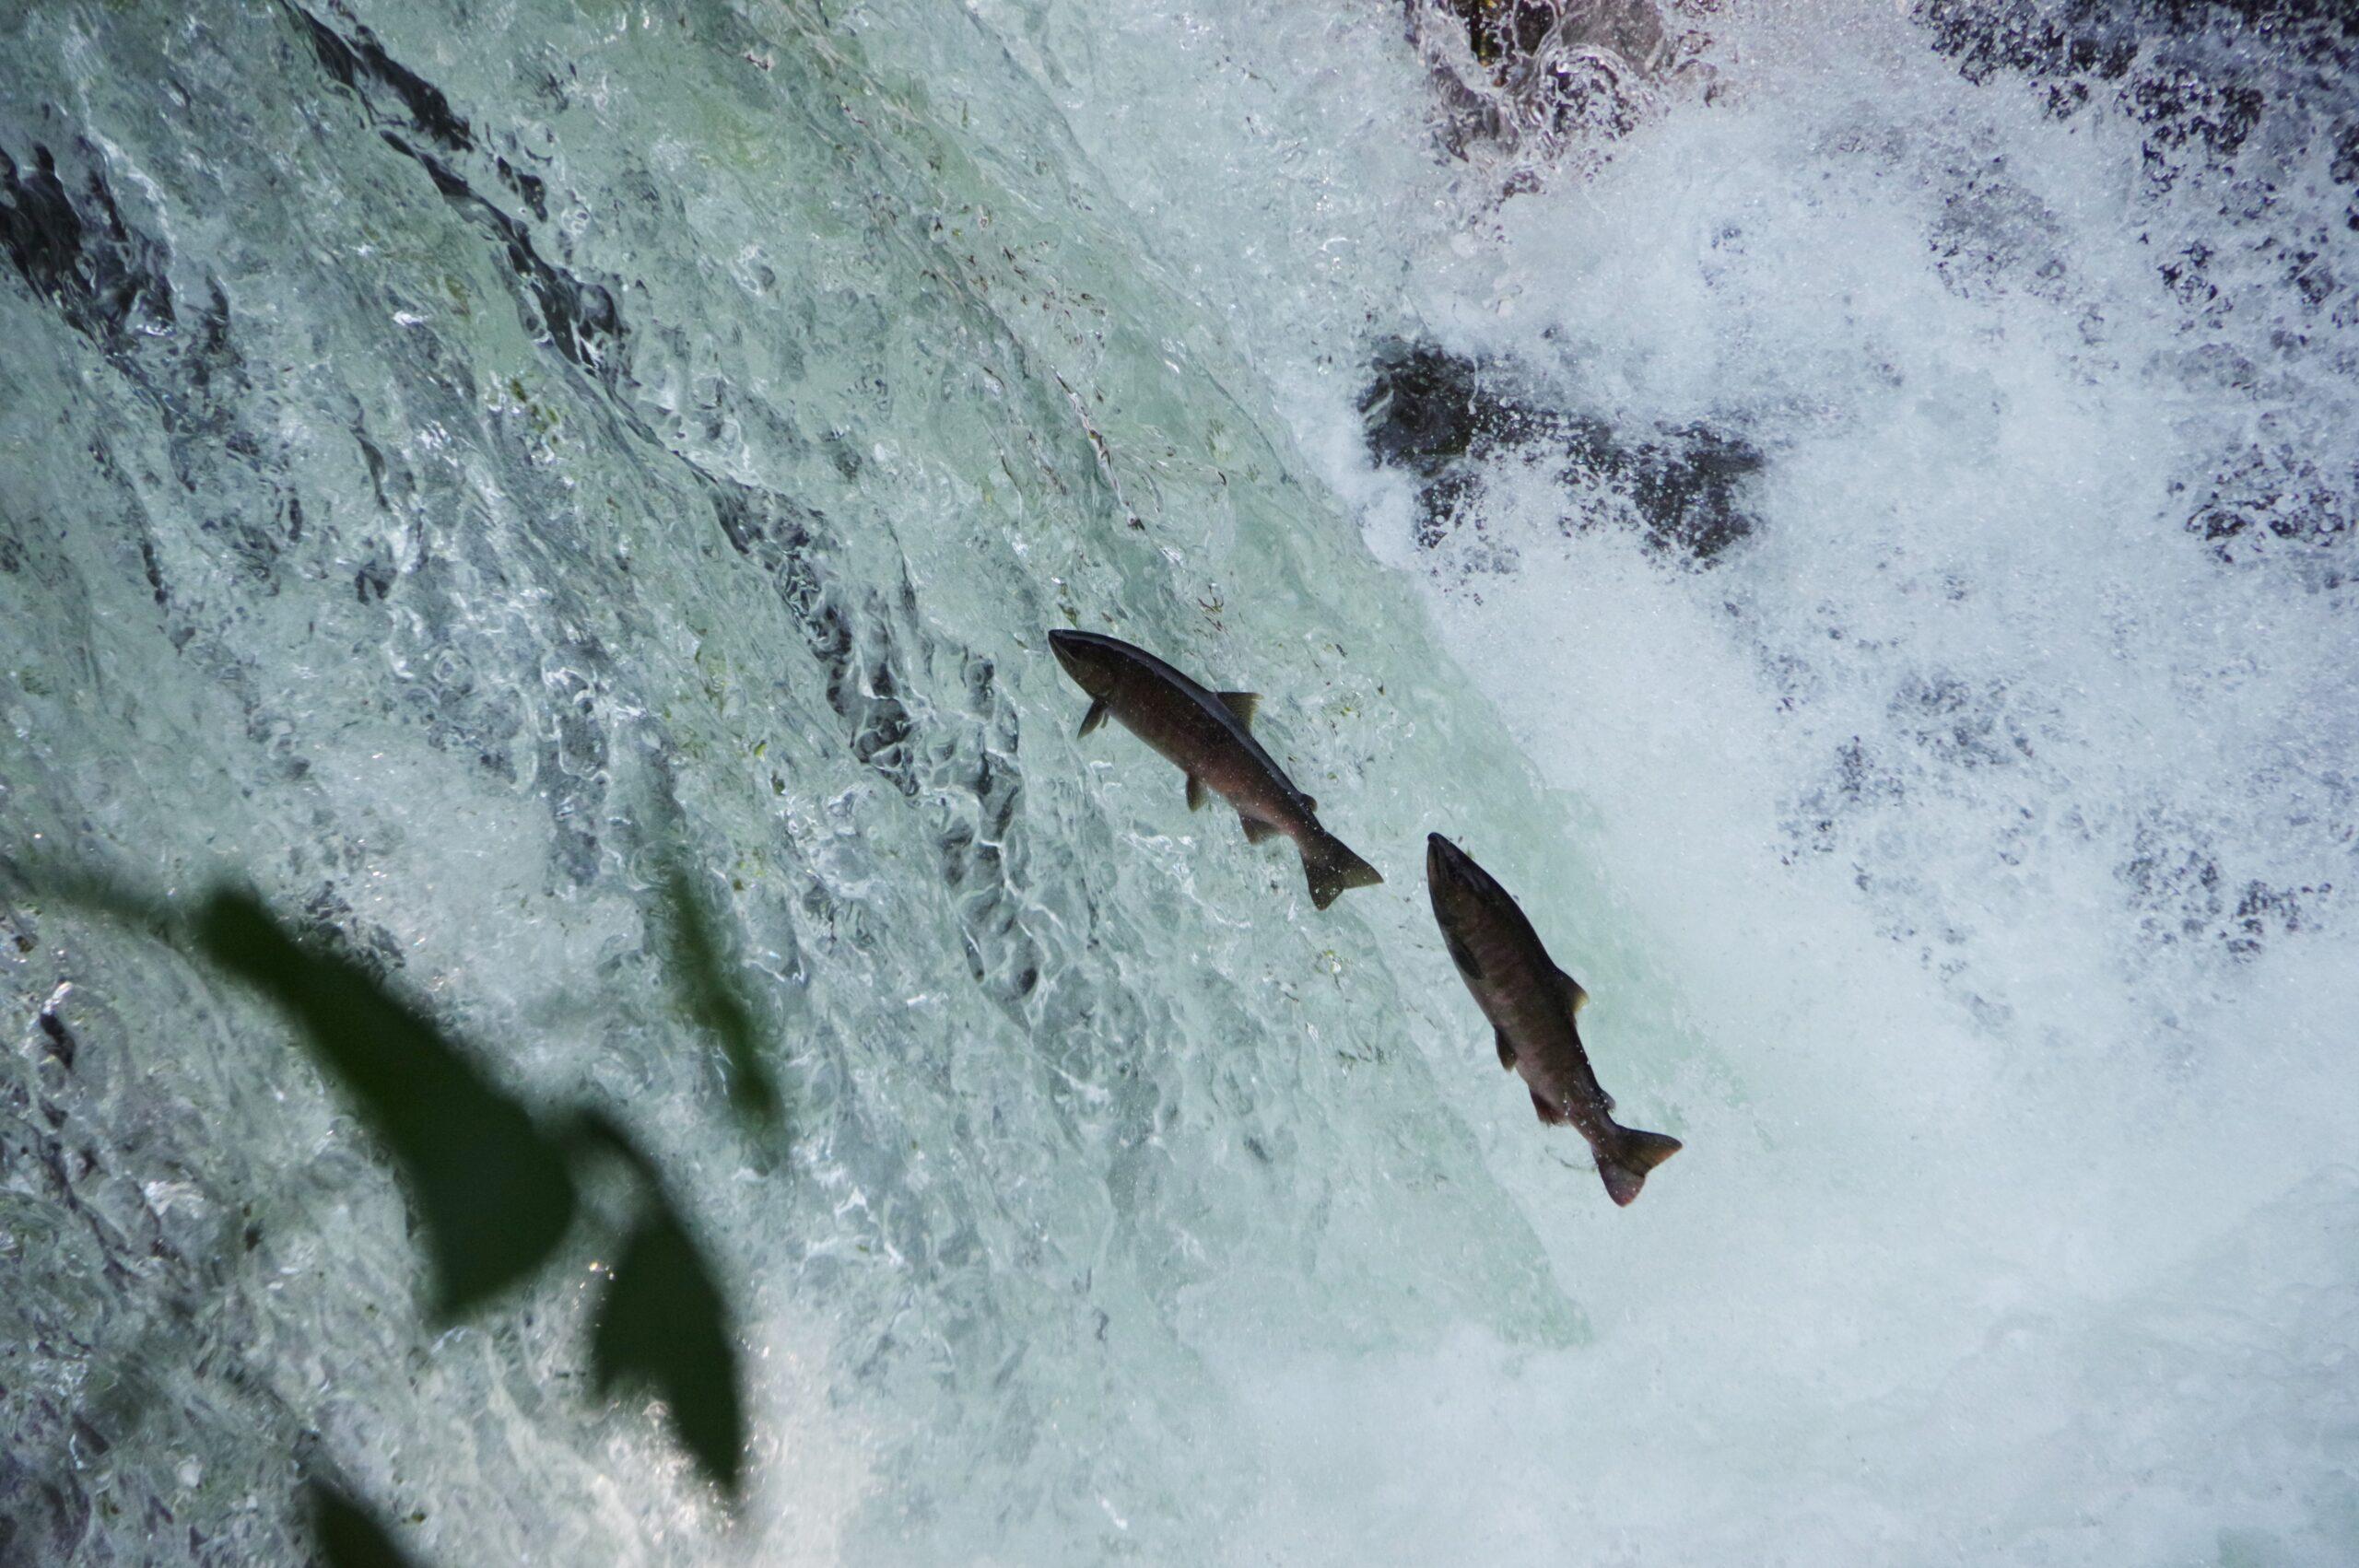 撮って食べて釣って~サクラマス・ヤマメを味わい尽くす旅~@清里町さくらの滝、斜里町、鹿追町